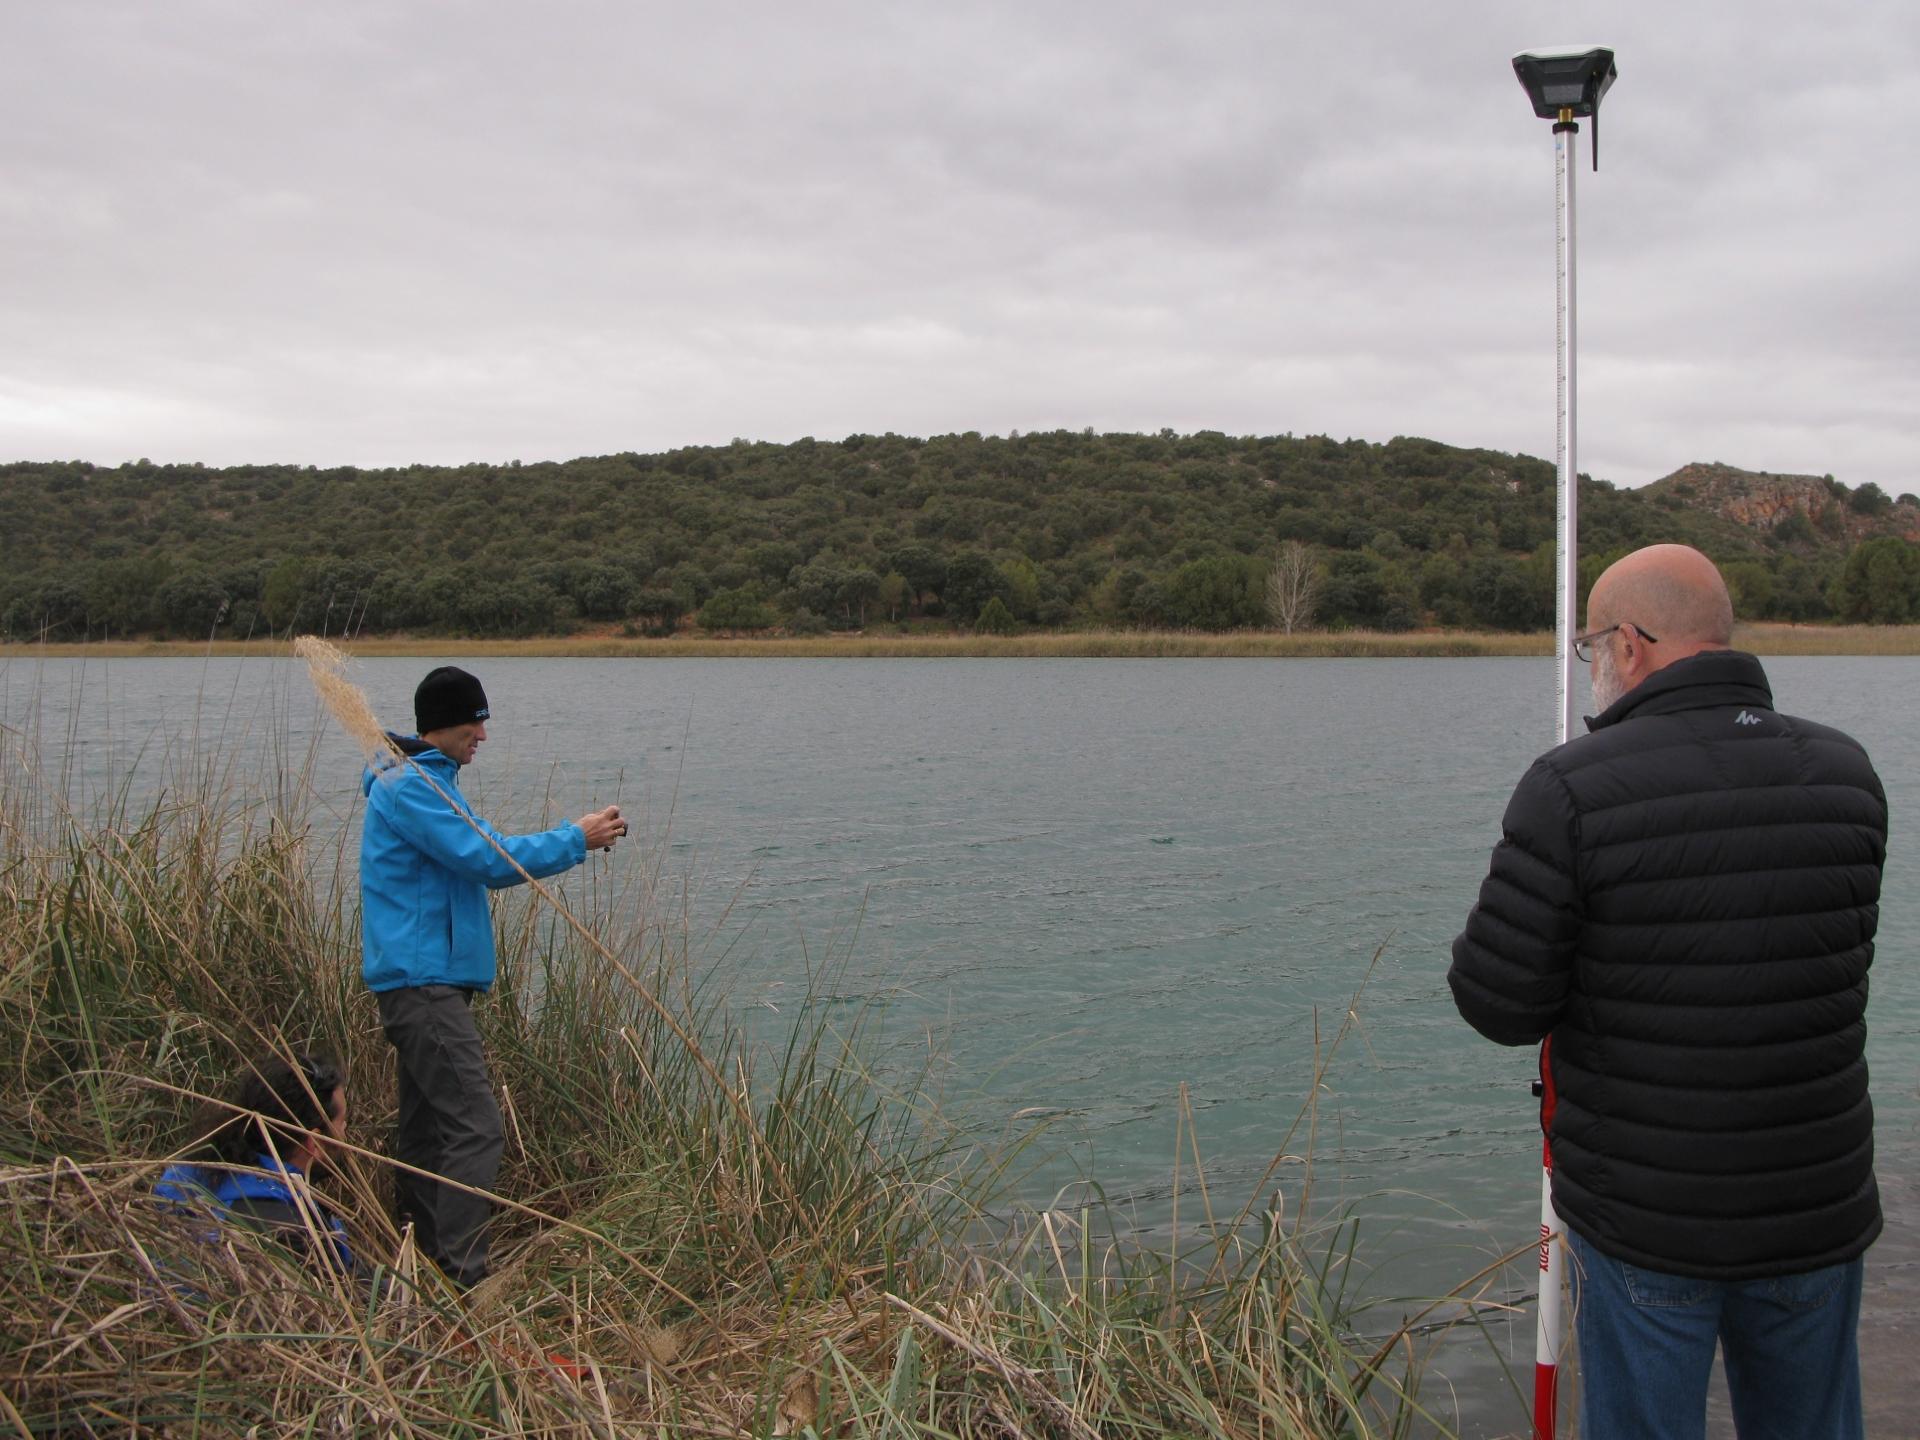 Javi con la antena GNSS y Dani con la brújula